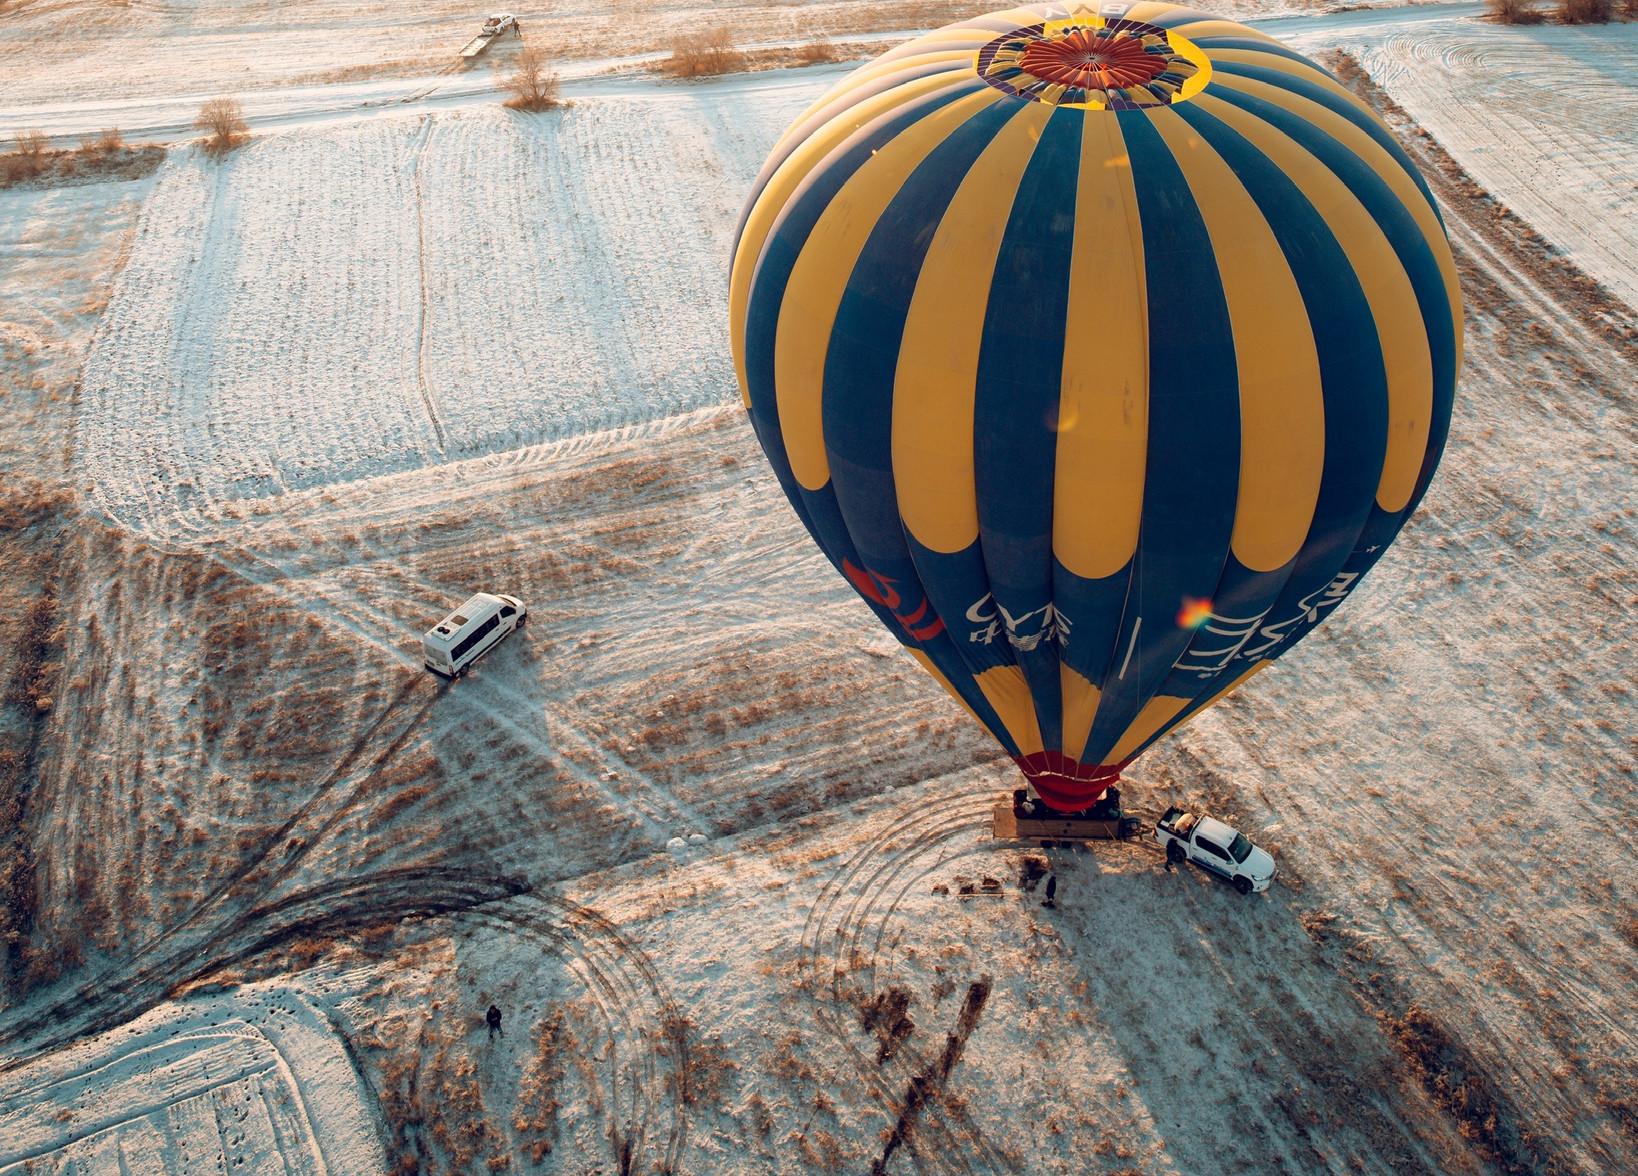 Standard Balloon Rides  in Cappadocia